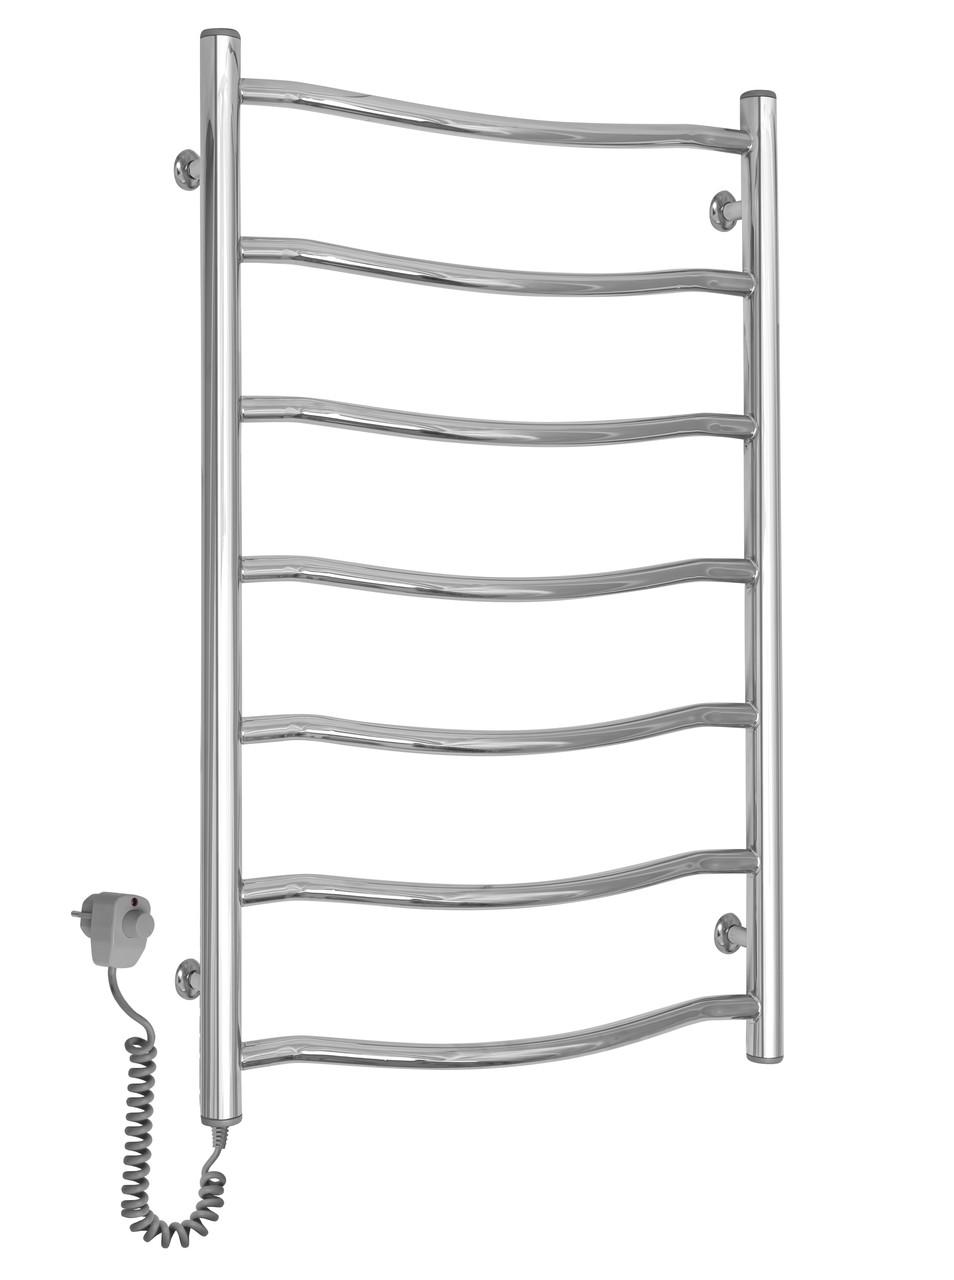 Полотенцесушитель электрический Paladii Смайл Электро 800x500/7 левый с регулятором